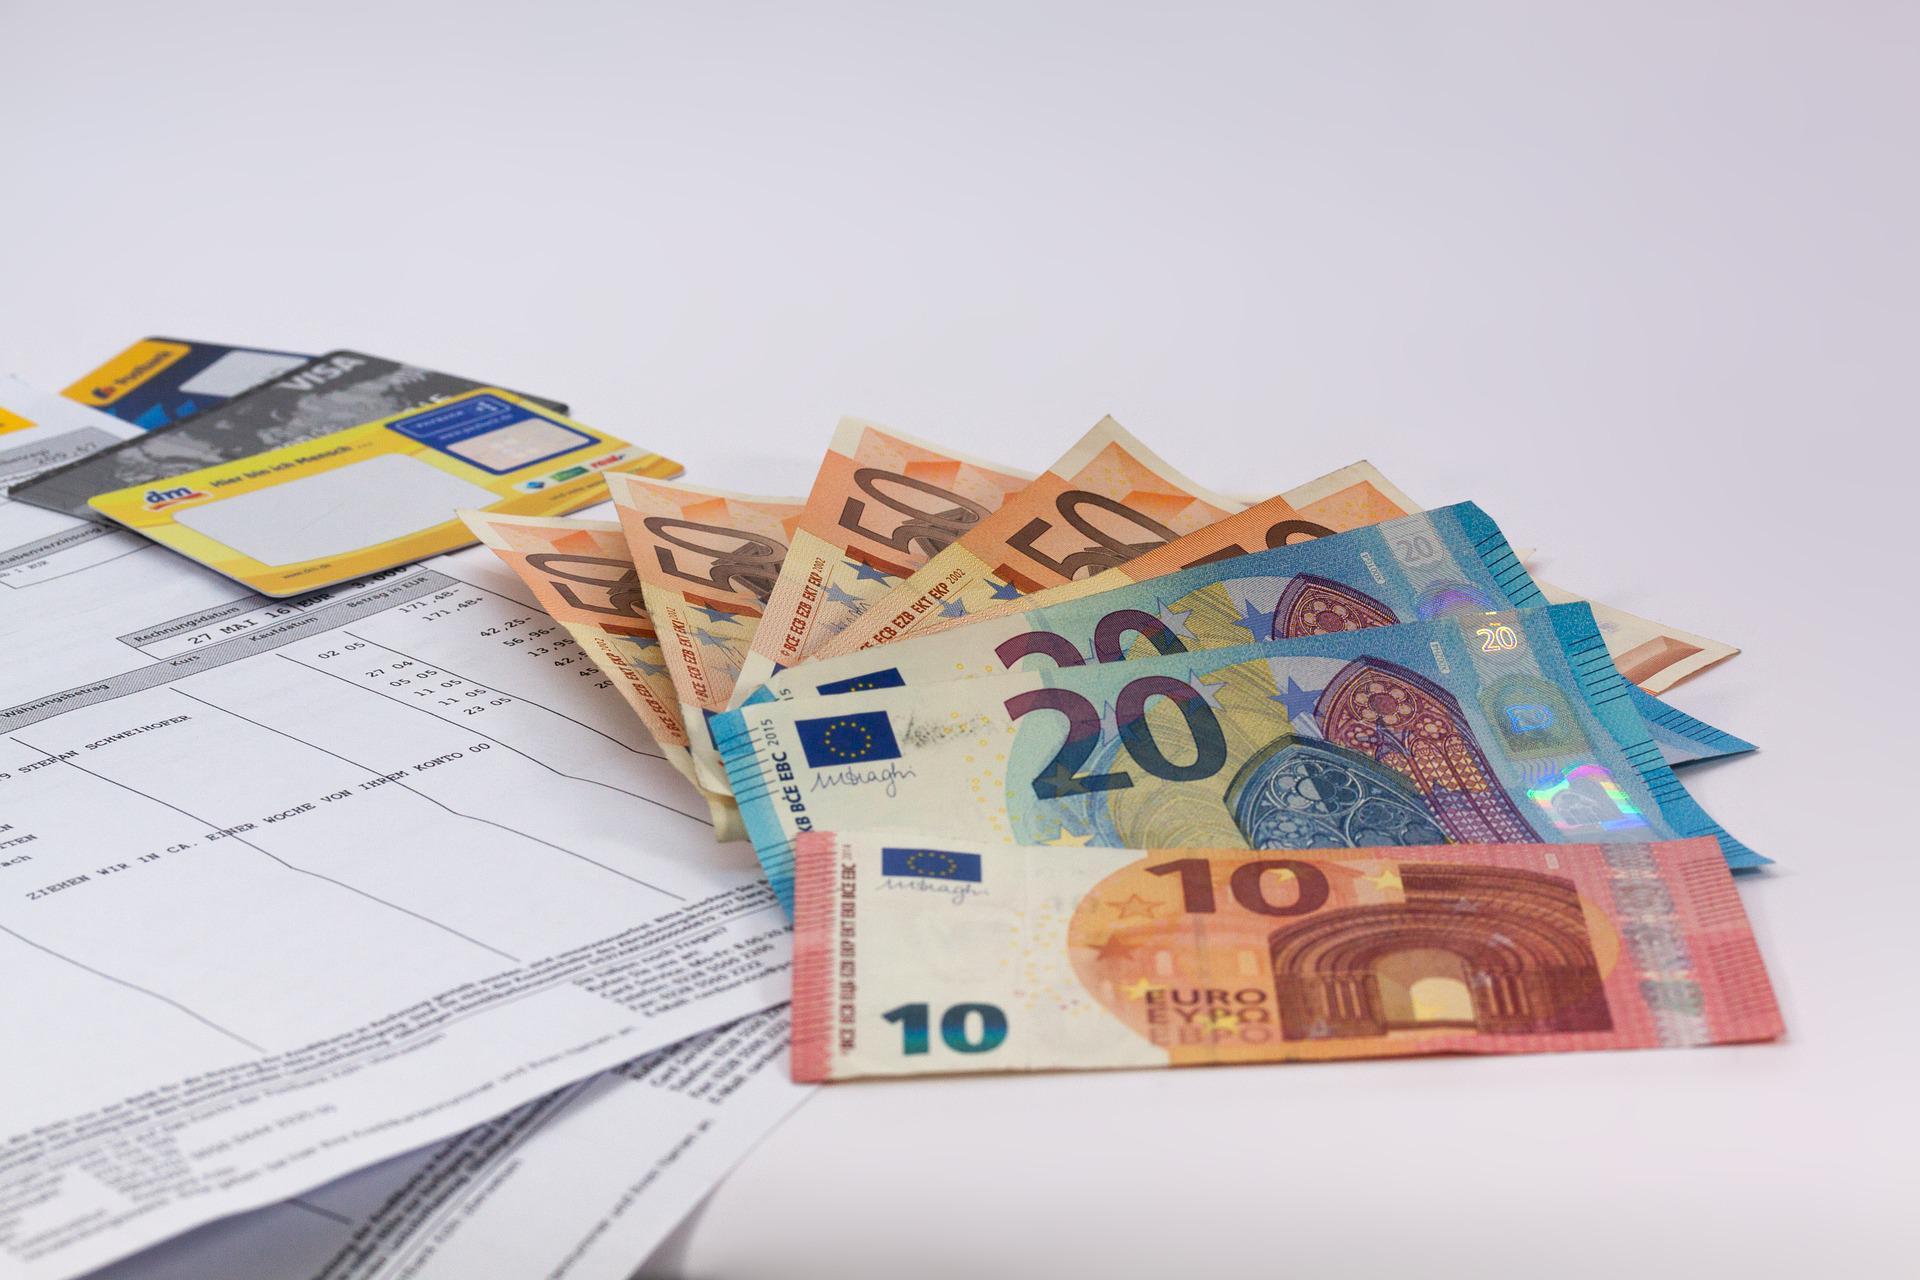 Юрлица и ИП будут отчитываться о движении средств на зарубежных счетах с учетом нерабочих дней